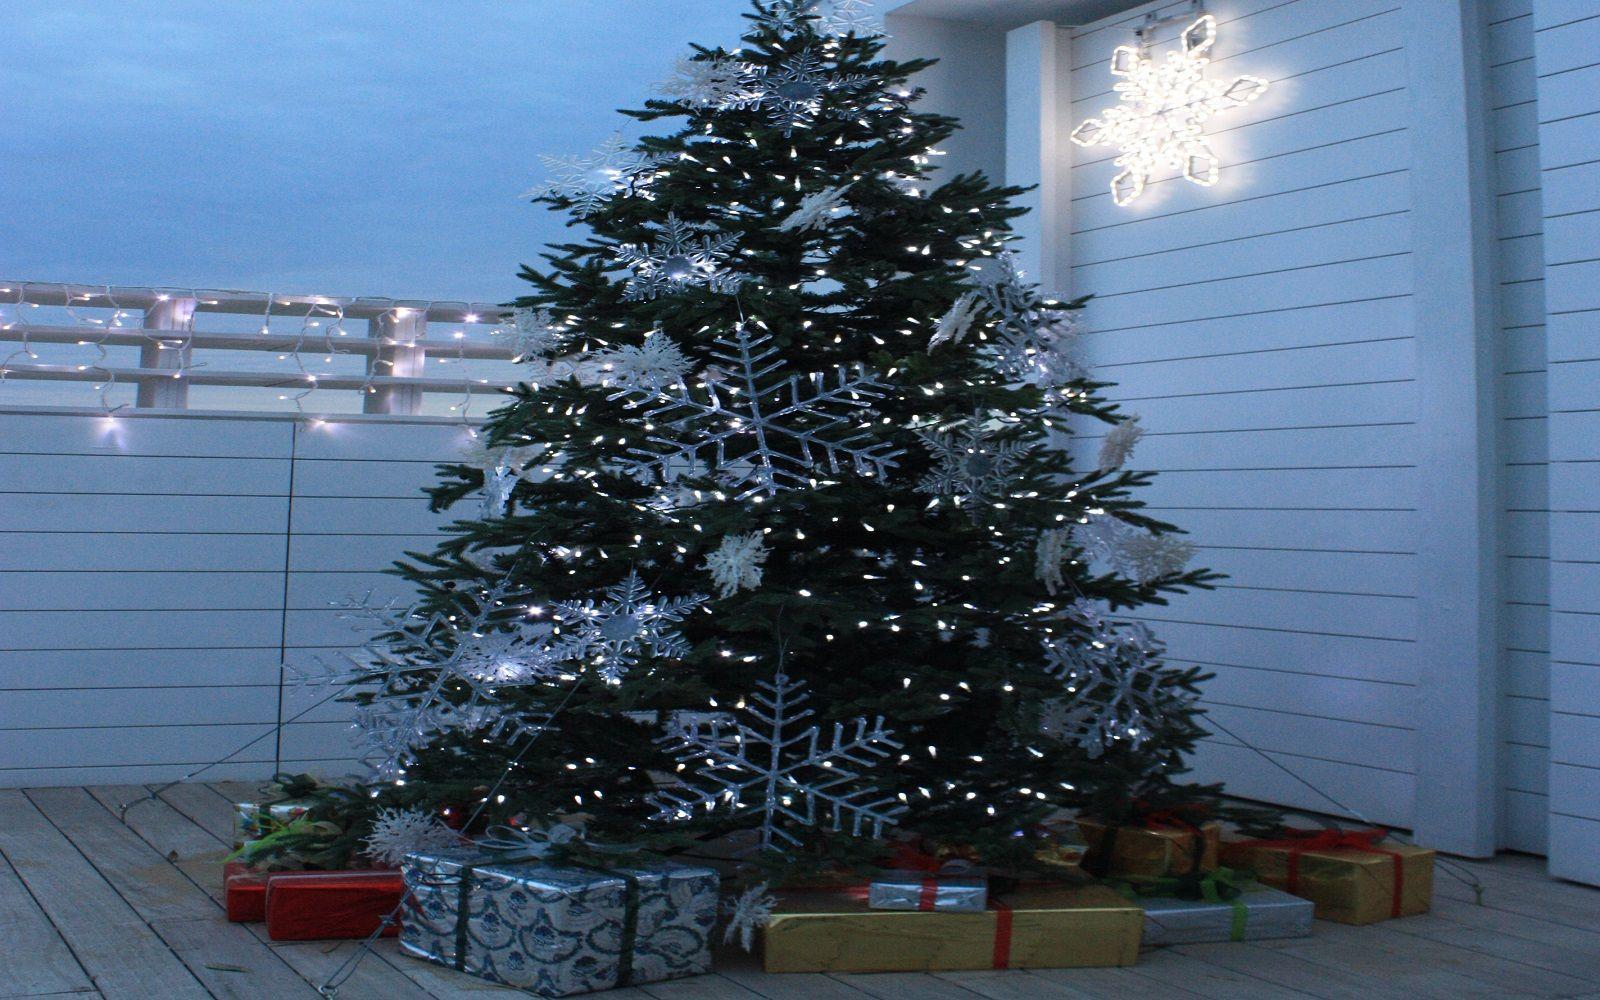 Idee originali per nascondere la base dell'albero di Natale